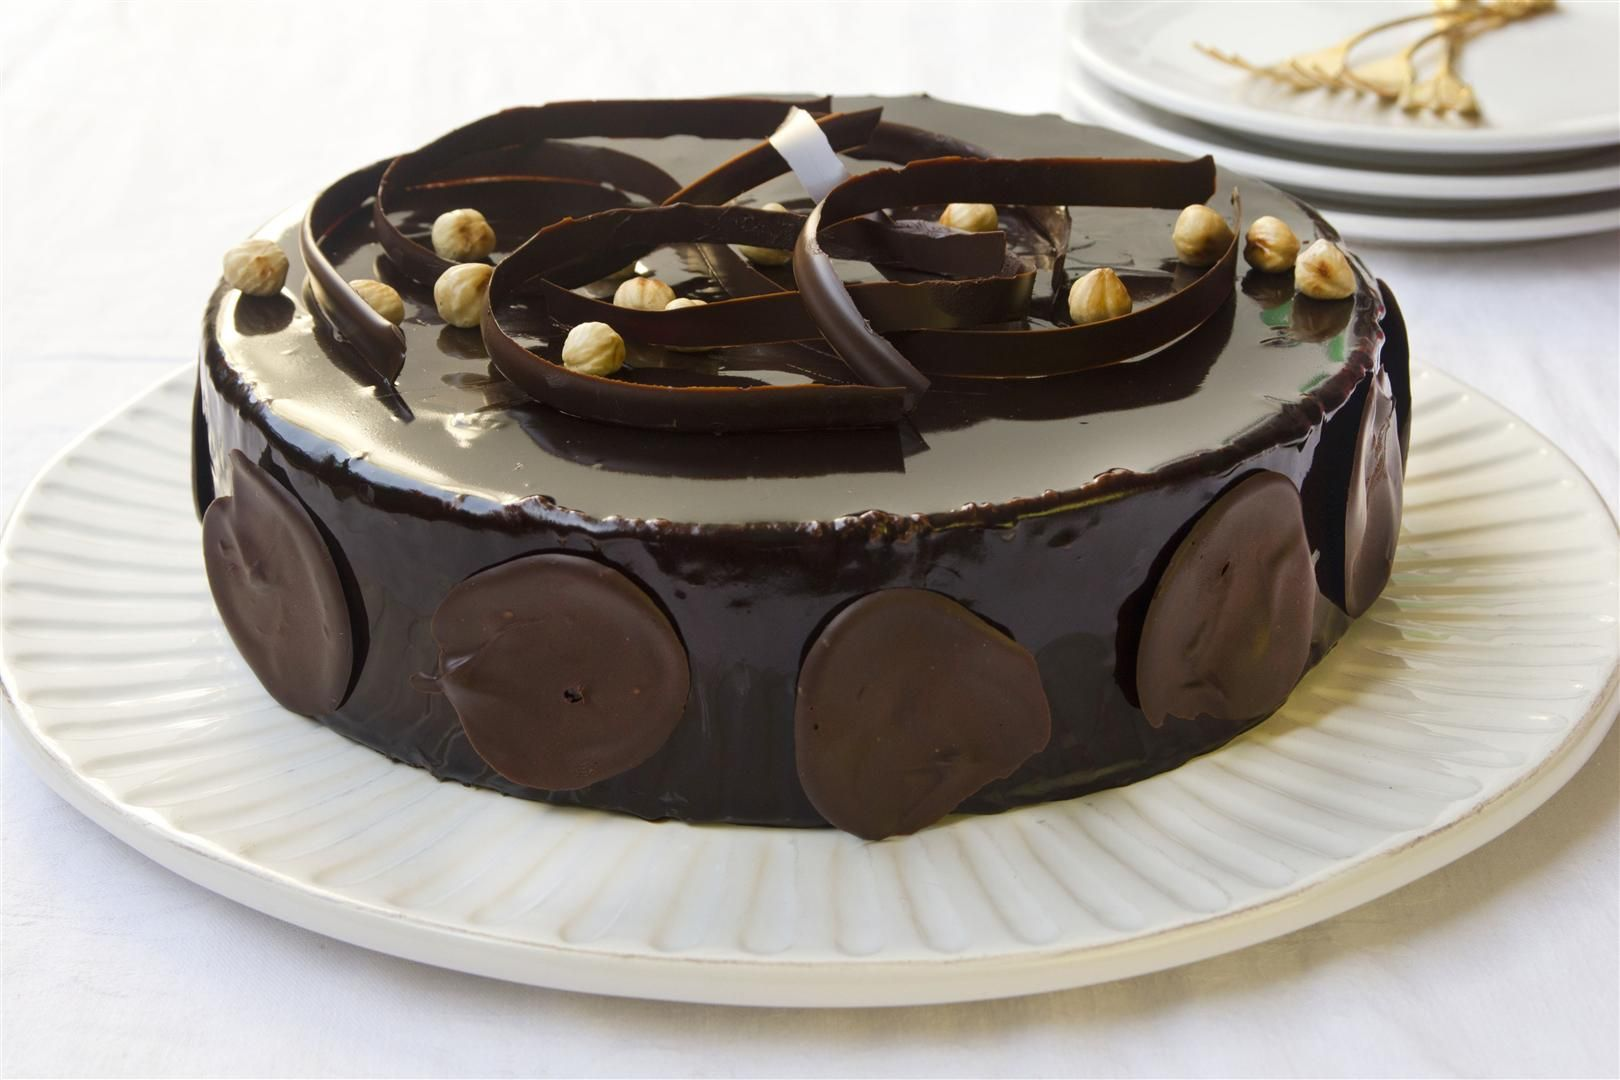 עוגת מוס שוקולד ומסקרפונה עם קפה